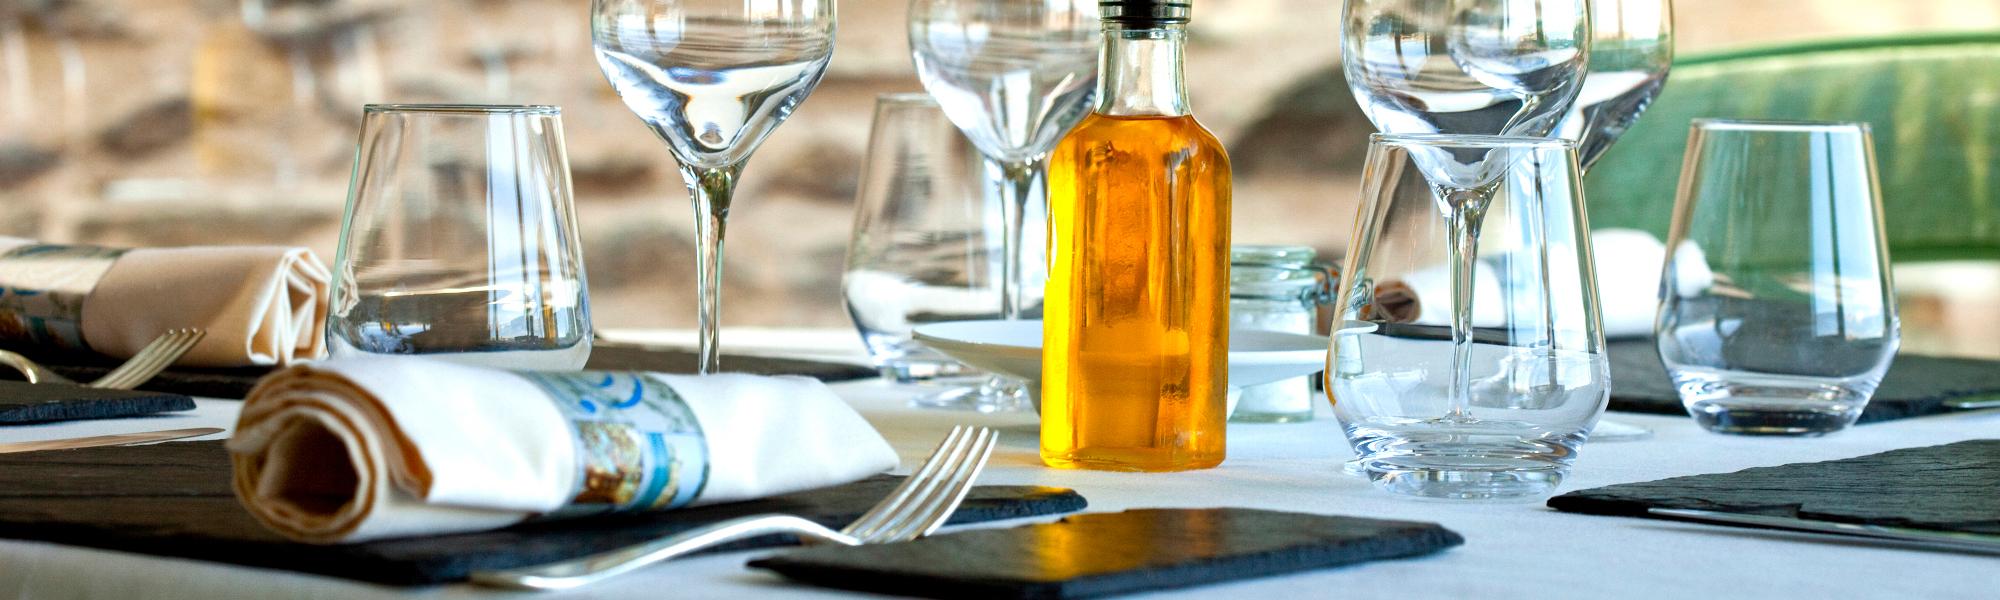 Hospitality Management  Background Pic